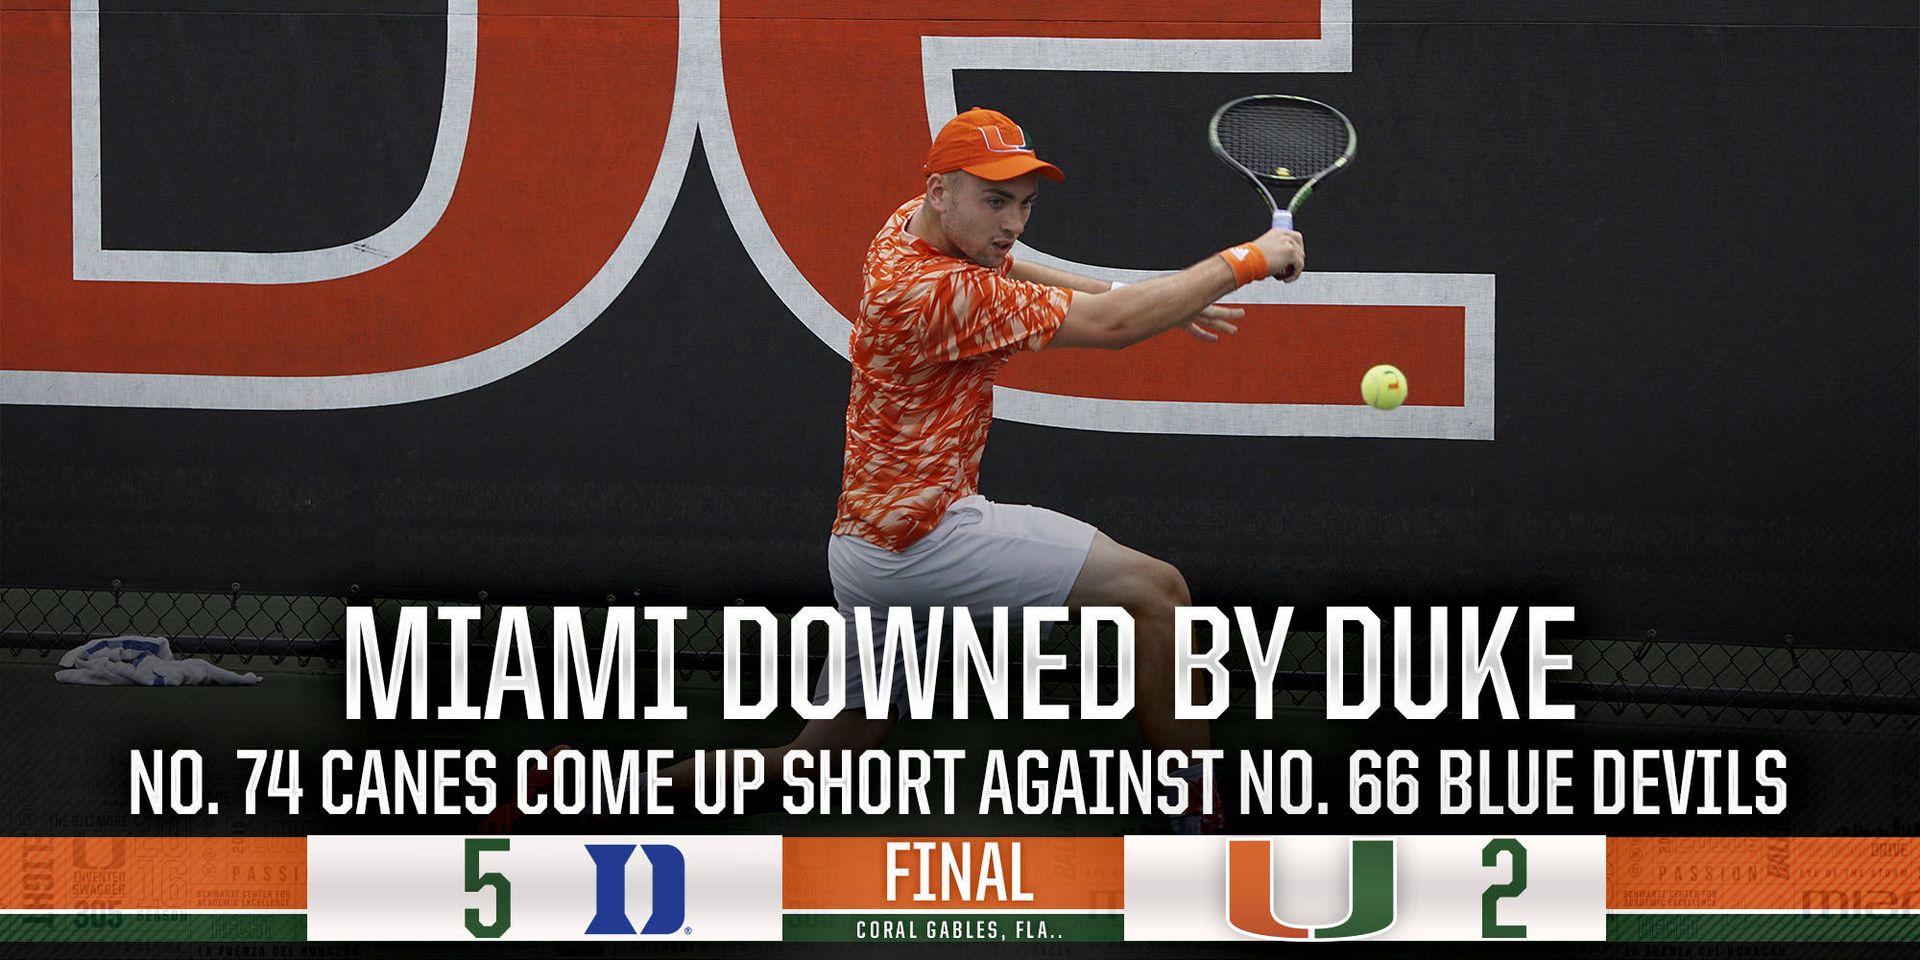 No. 74 Canes Fall to No. 66 Duke